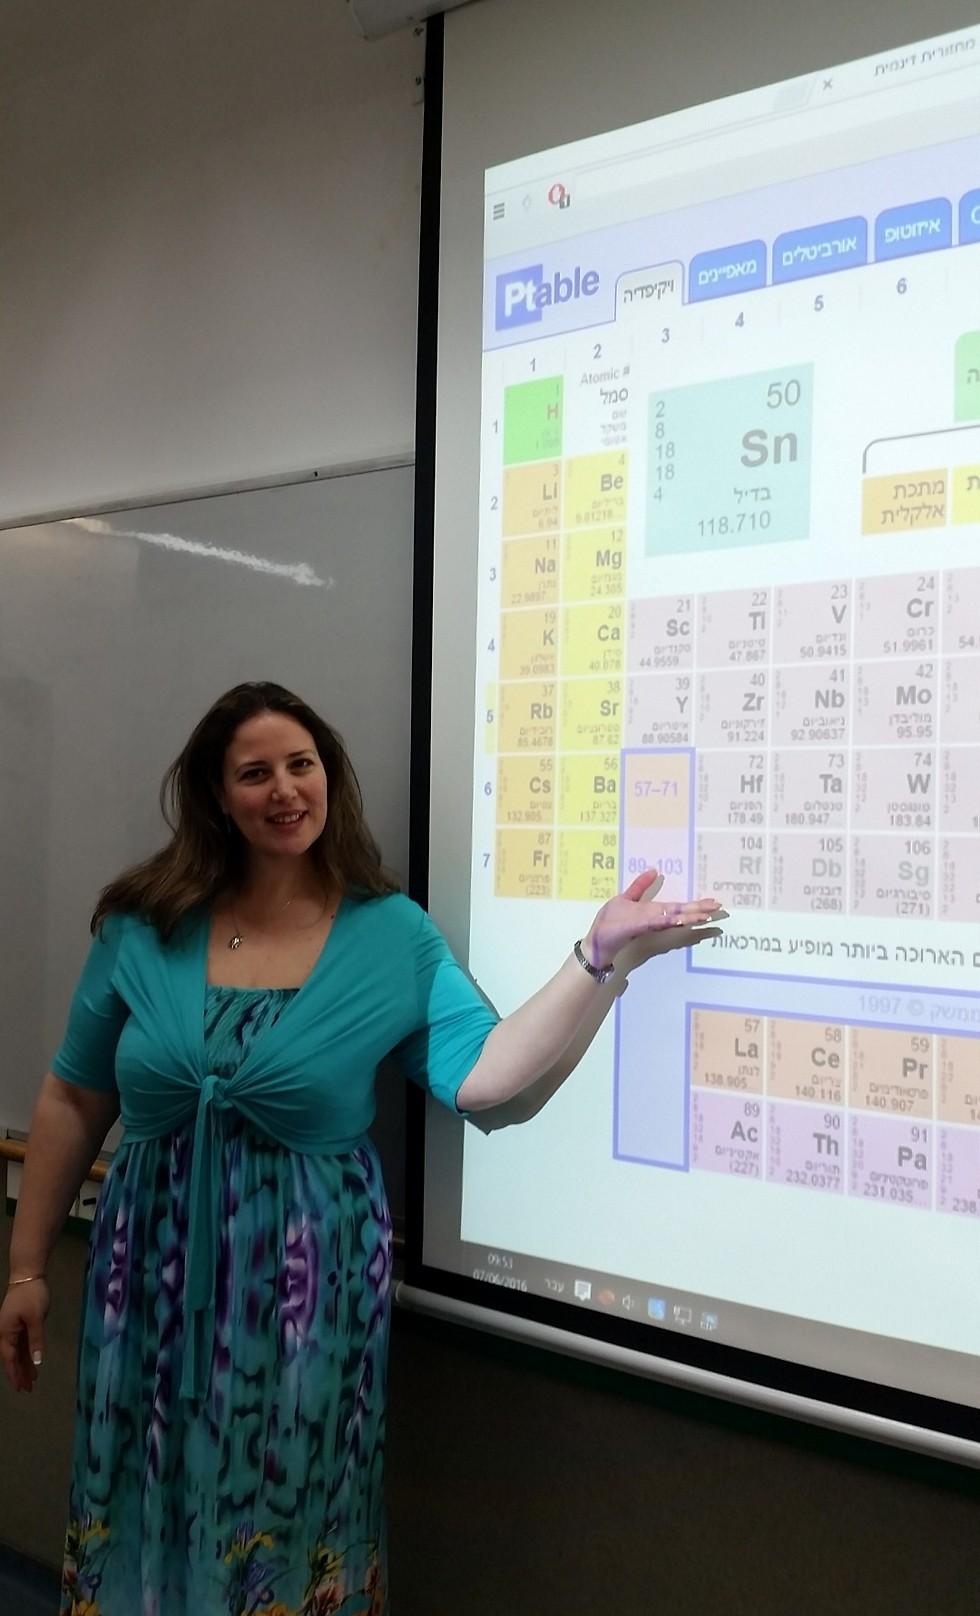 כבר לא צריך להטיס מורה לשיעור בכימיה - שרון מרציאנו (צילום: ראובן קפוצ'ינסקי) (צילום: ראובן קפוצ'ינסקי)